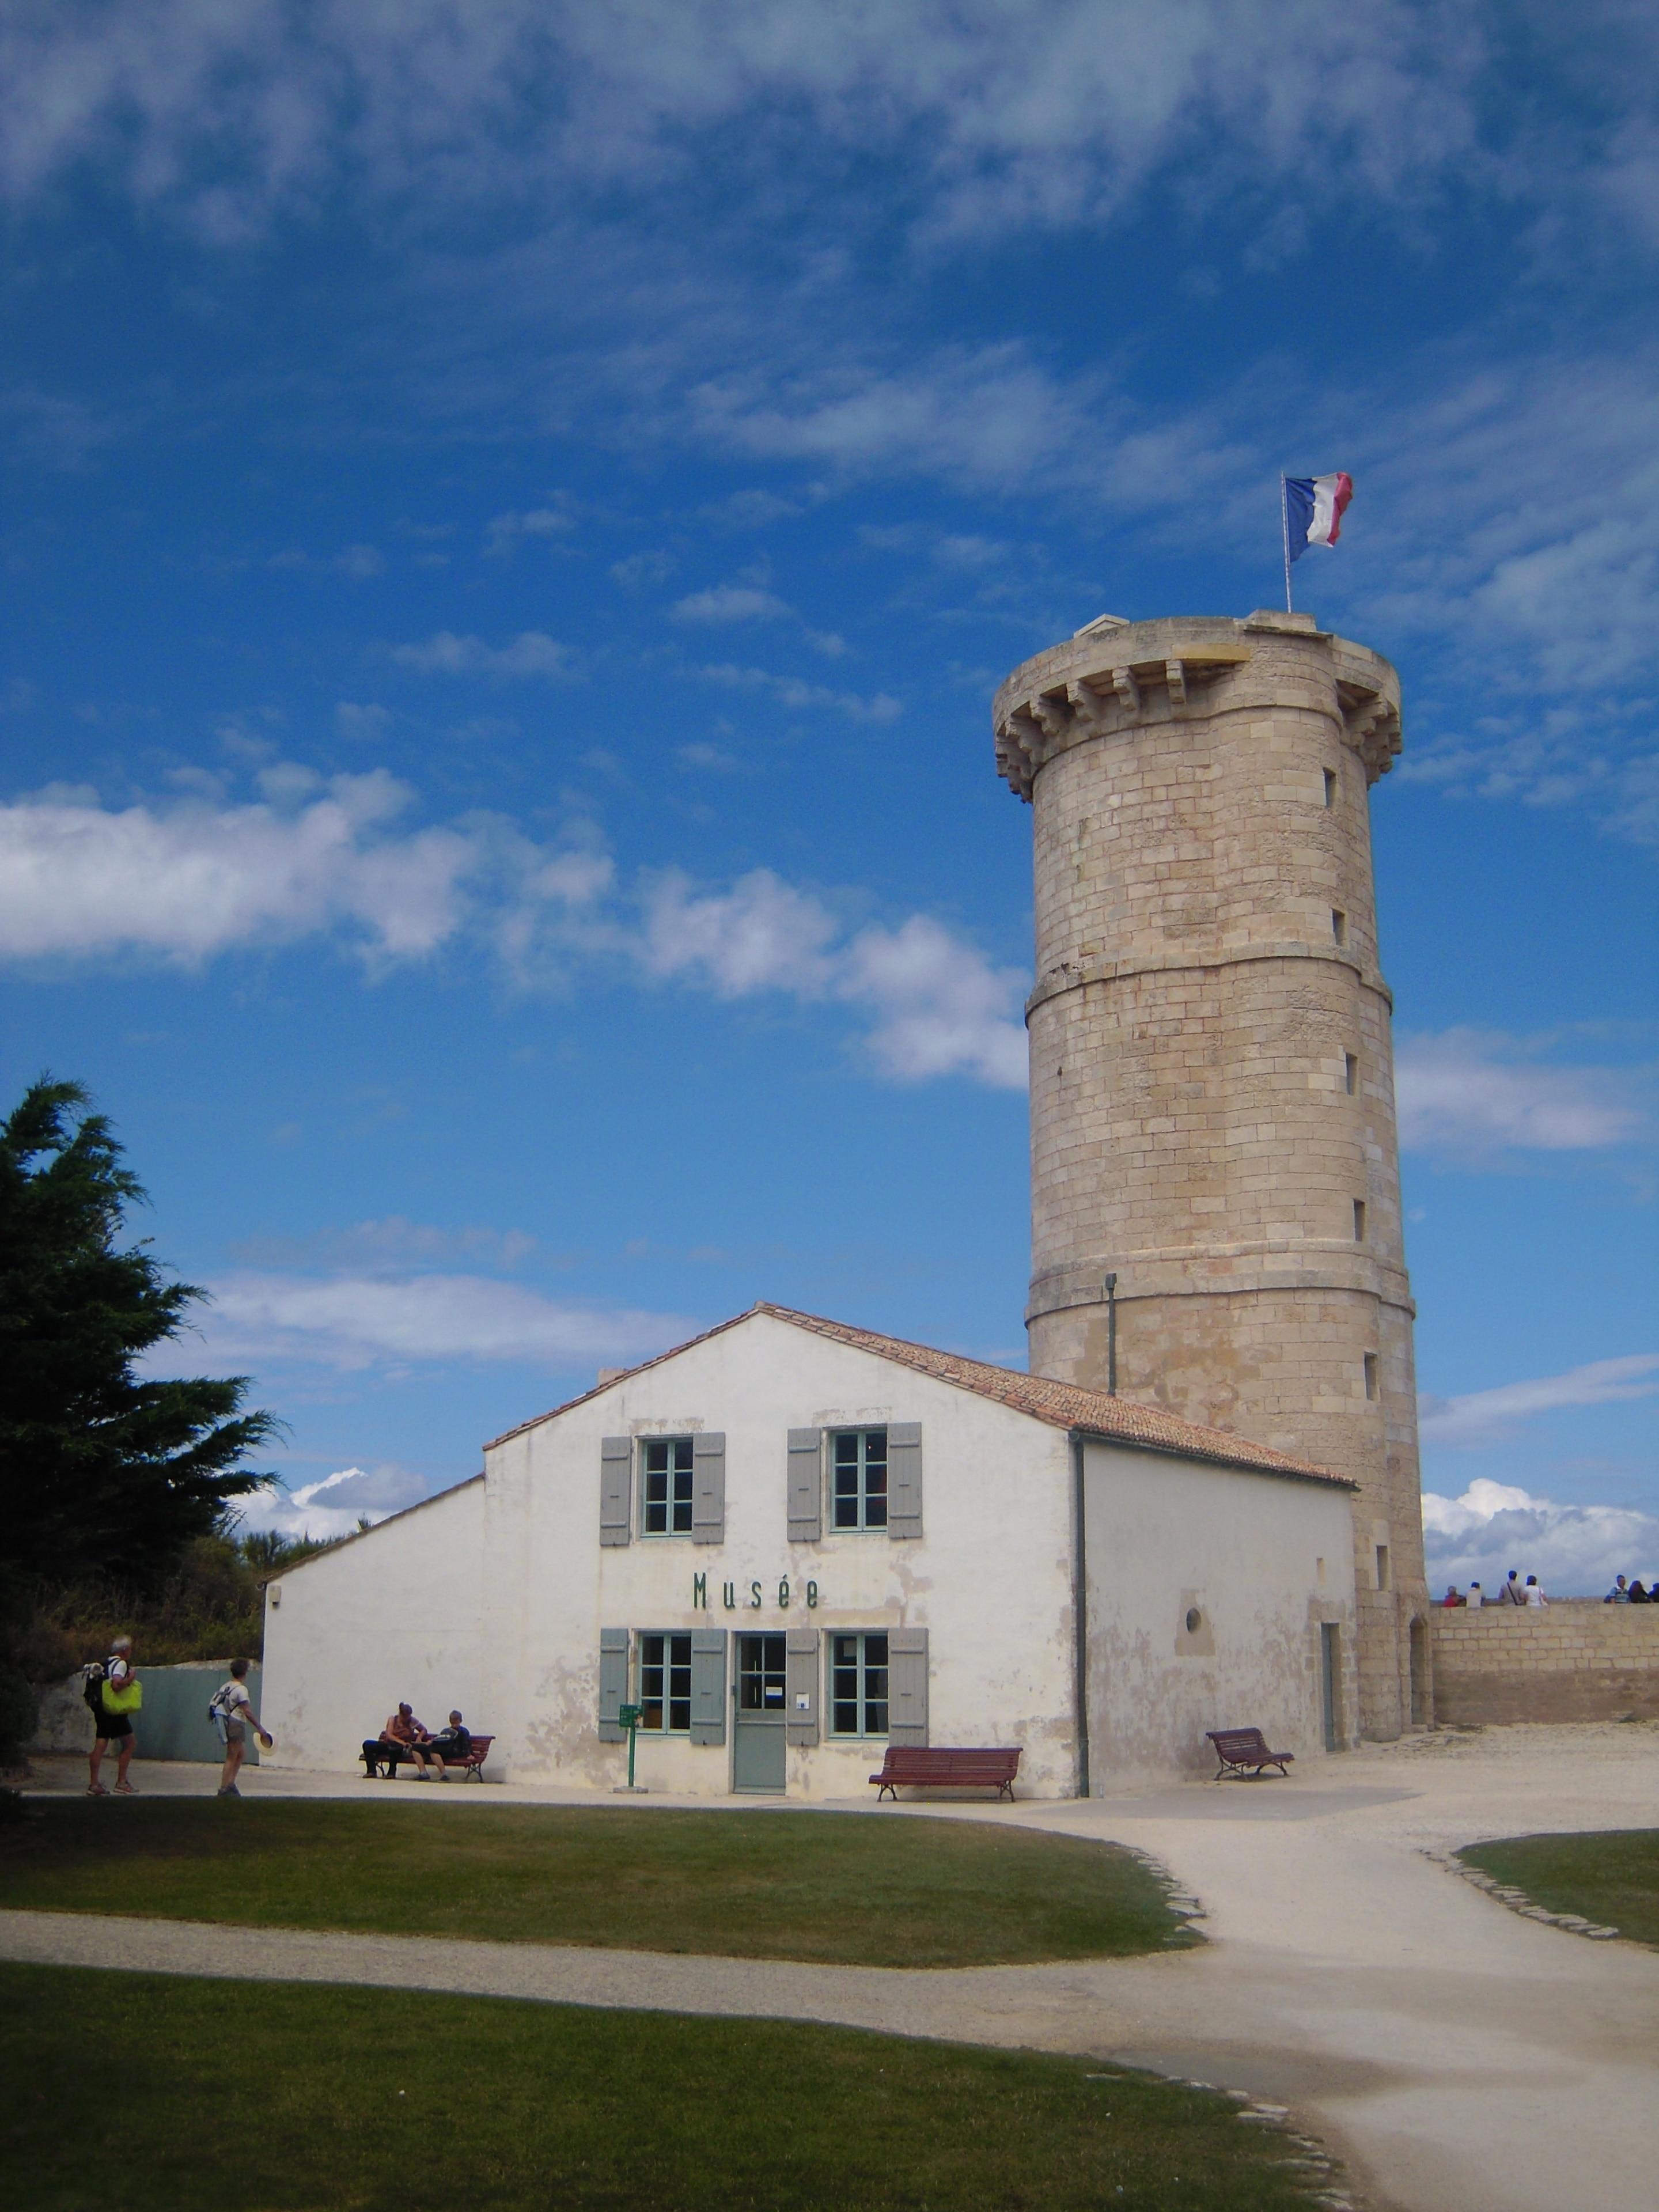 Phare des Baleines (Leuchttürme), Saint-Clément-des-Baleines, Charente-Maritime (Département), Frankreich